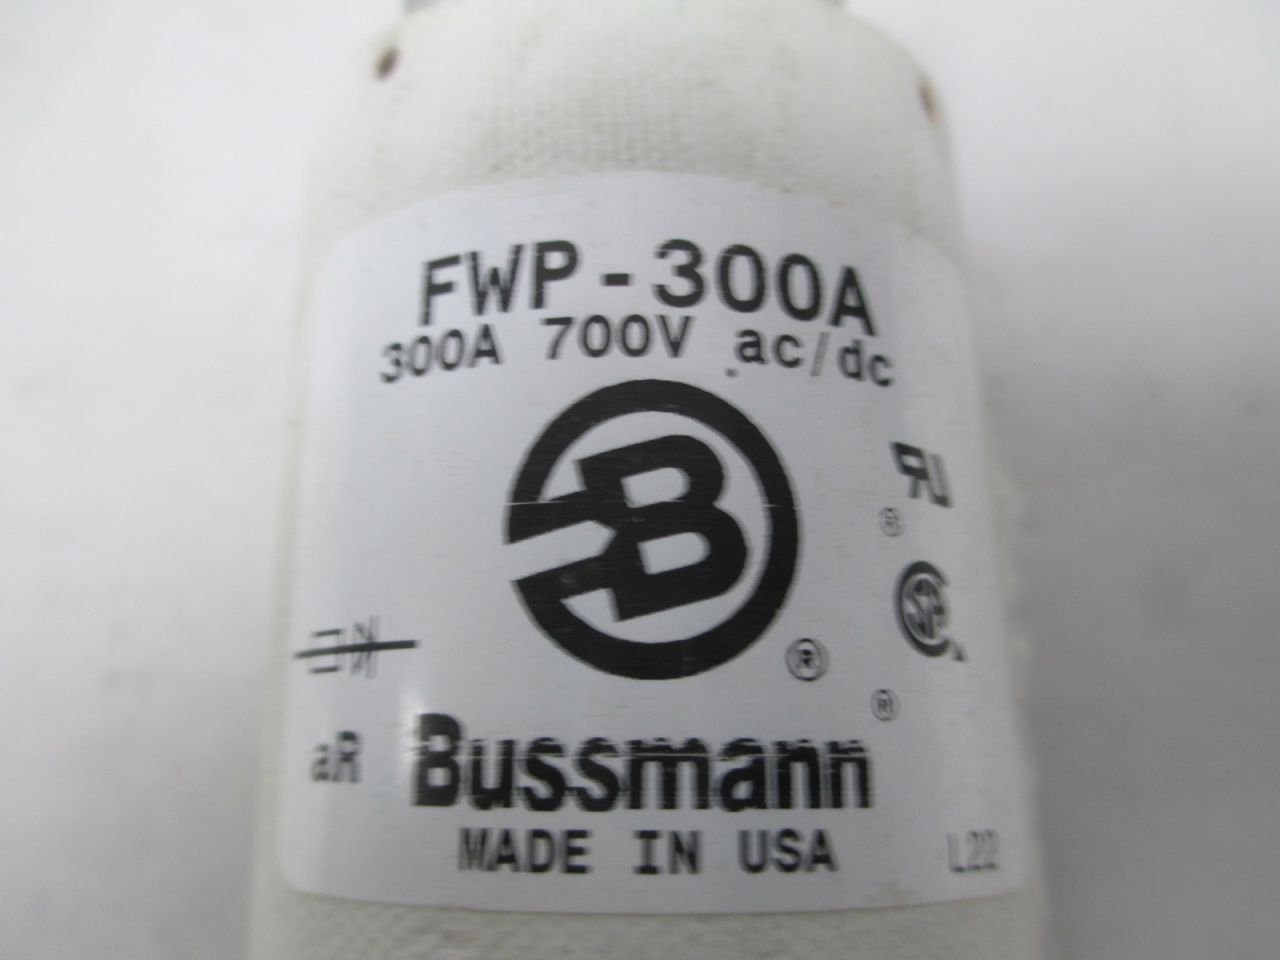 BUSSMANN FWP-300A 300A AMP 700V-AC//DC FUSE D293351